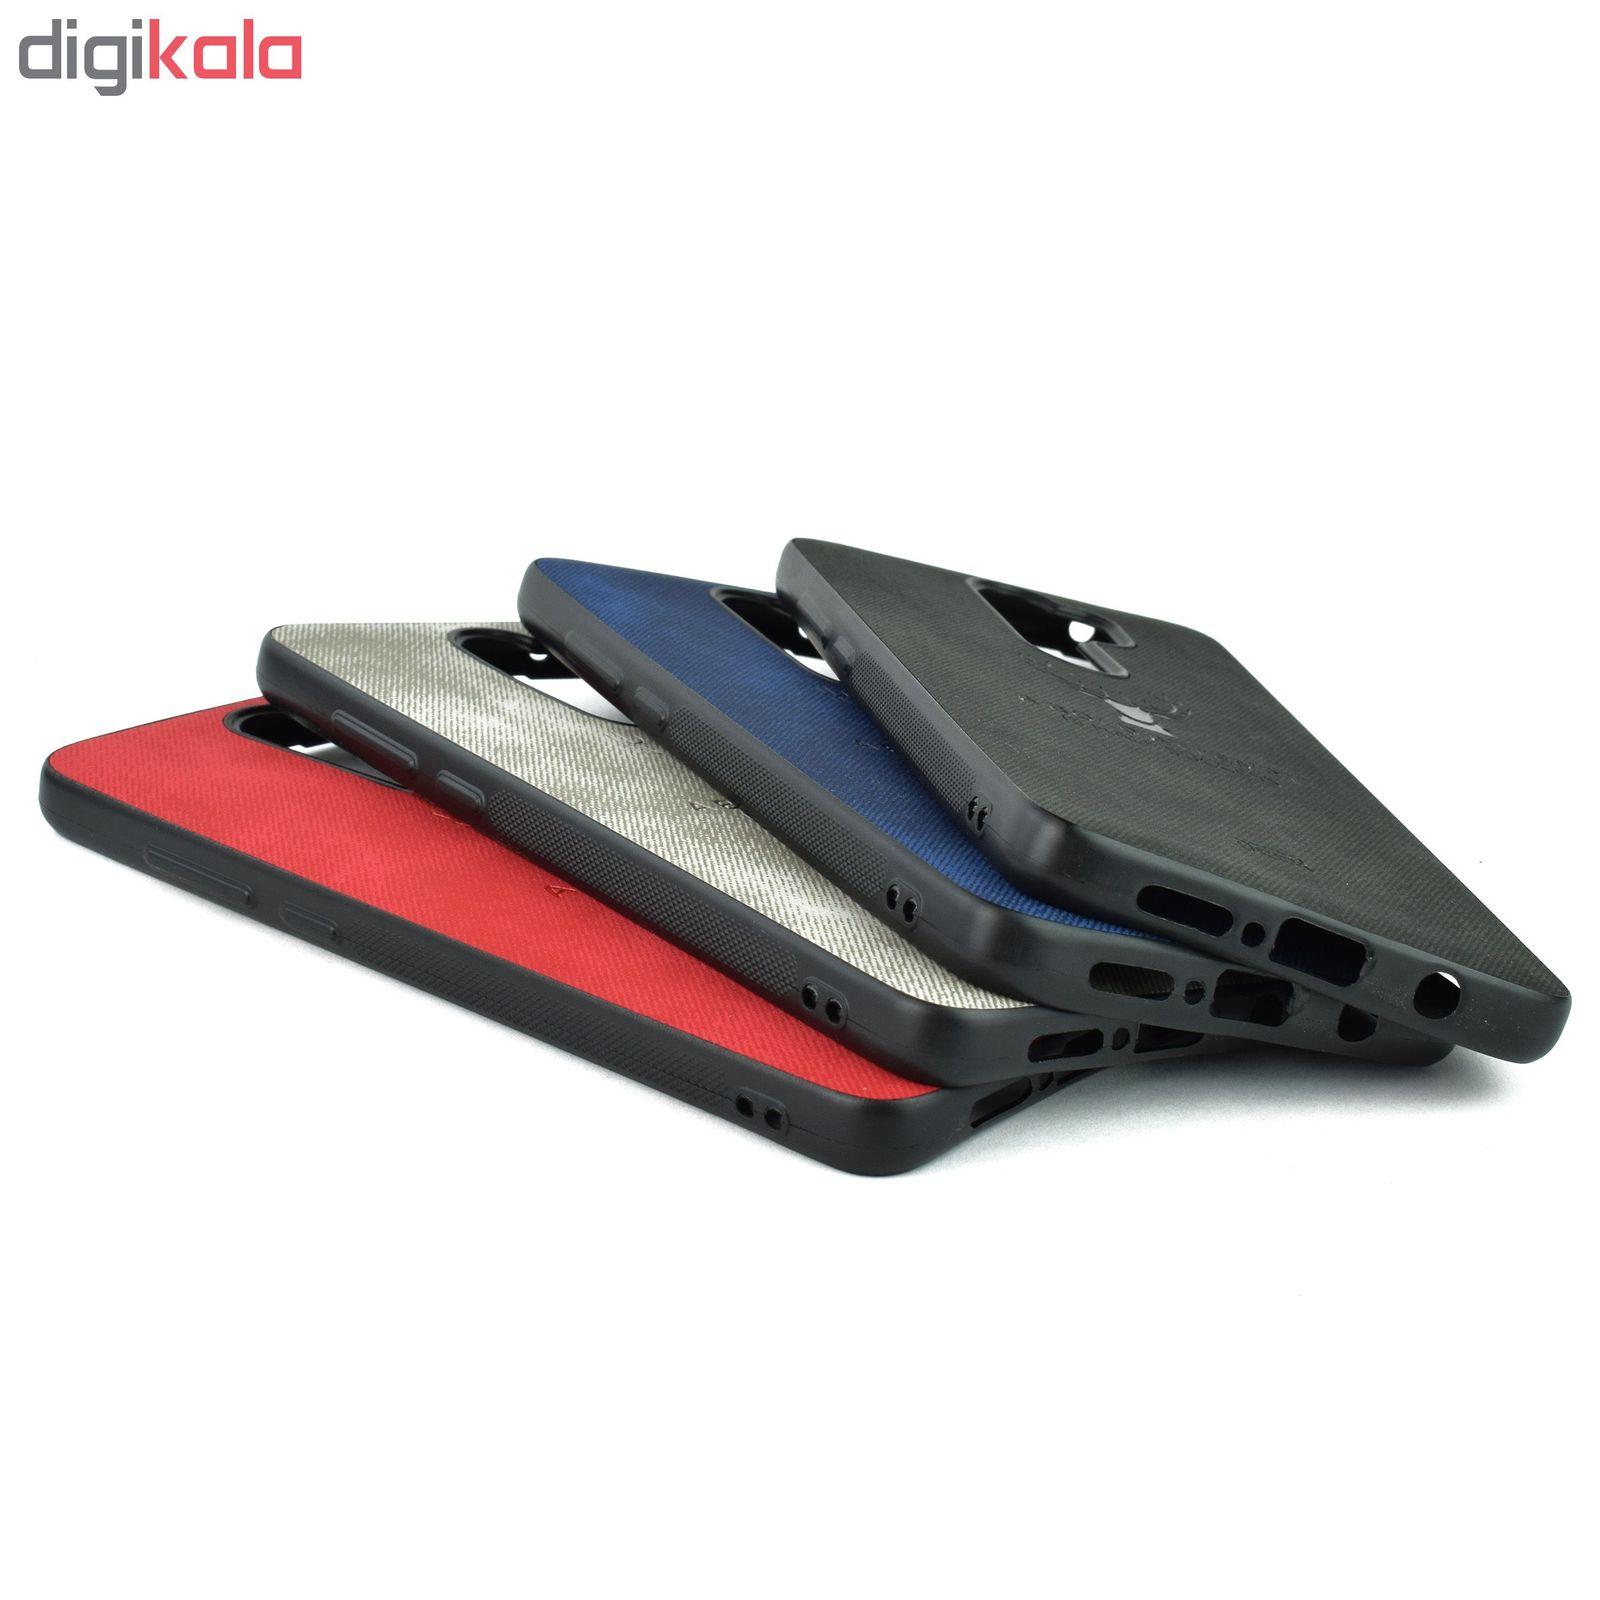 کاور مدل DER20 مناسب برای گوشی موبایل شیائومی Note 8 Pro main 1 5